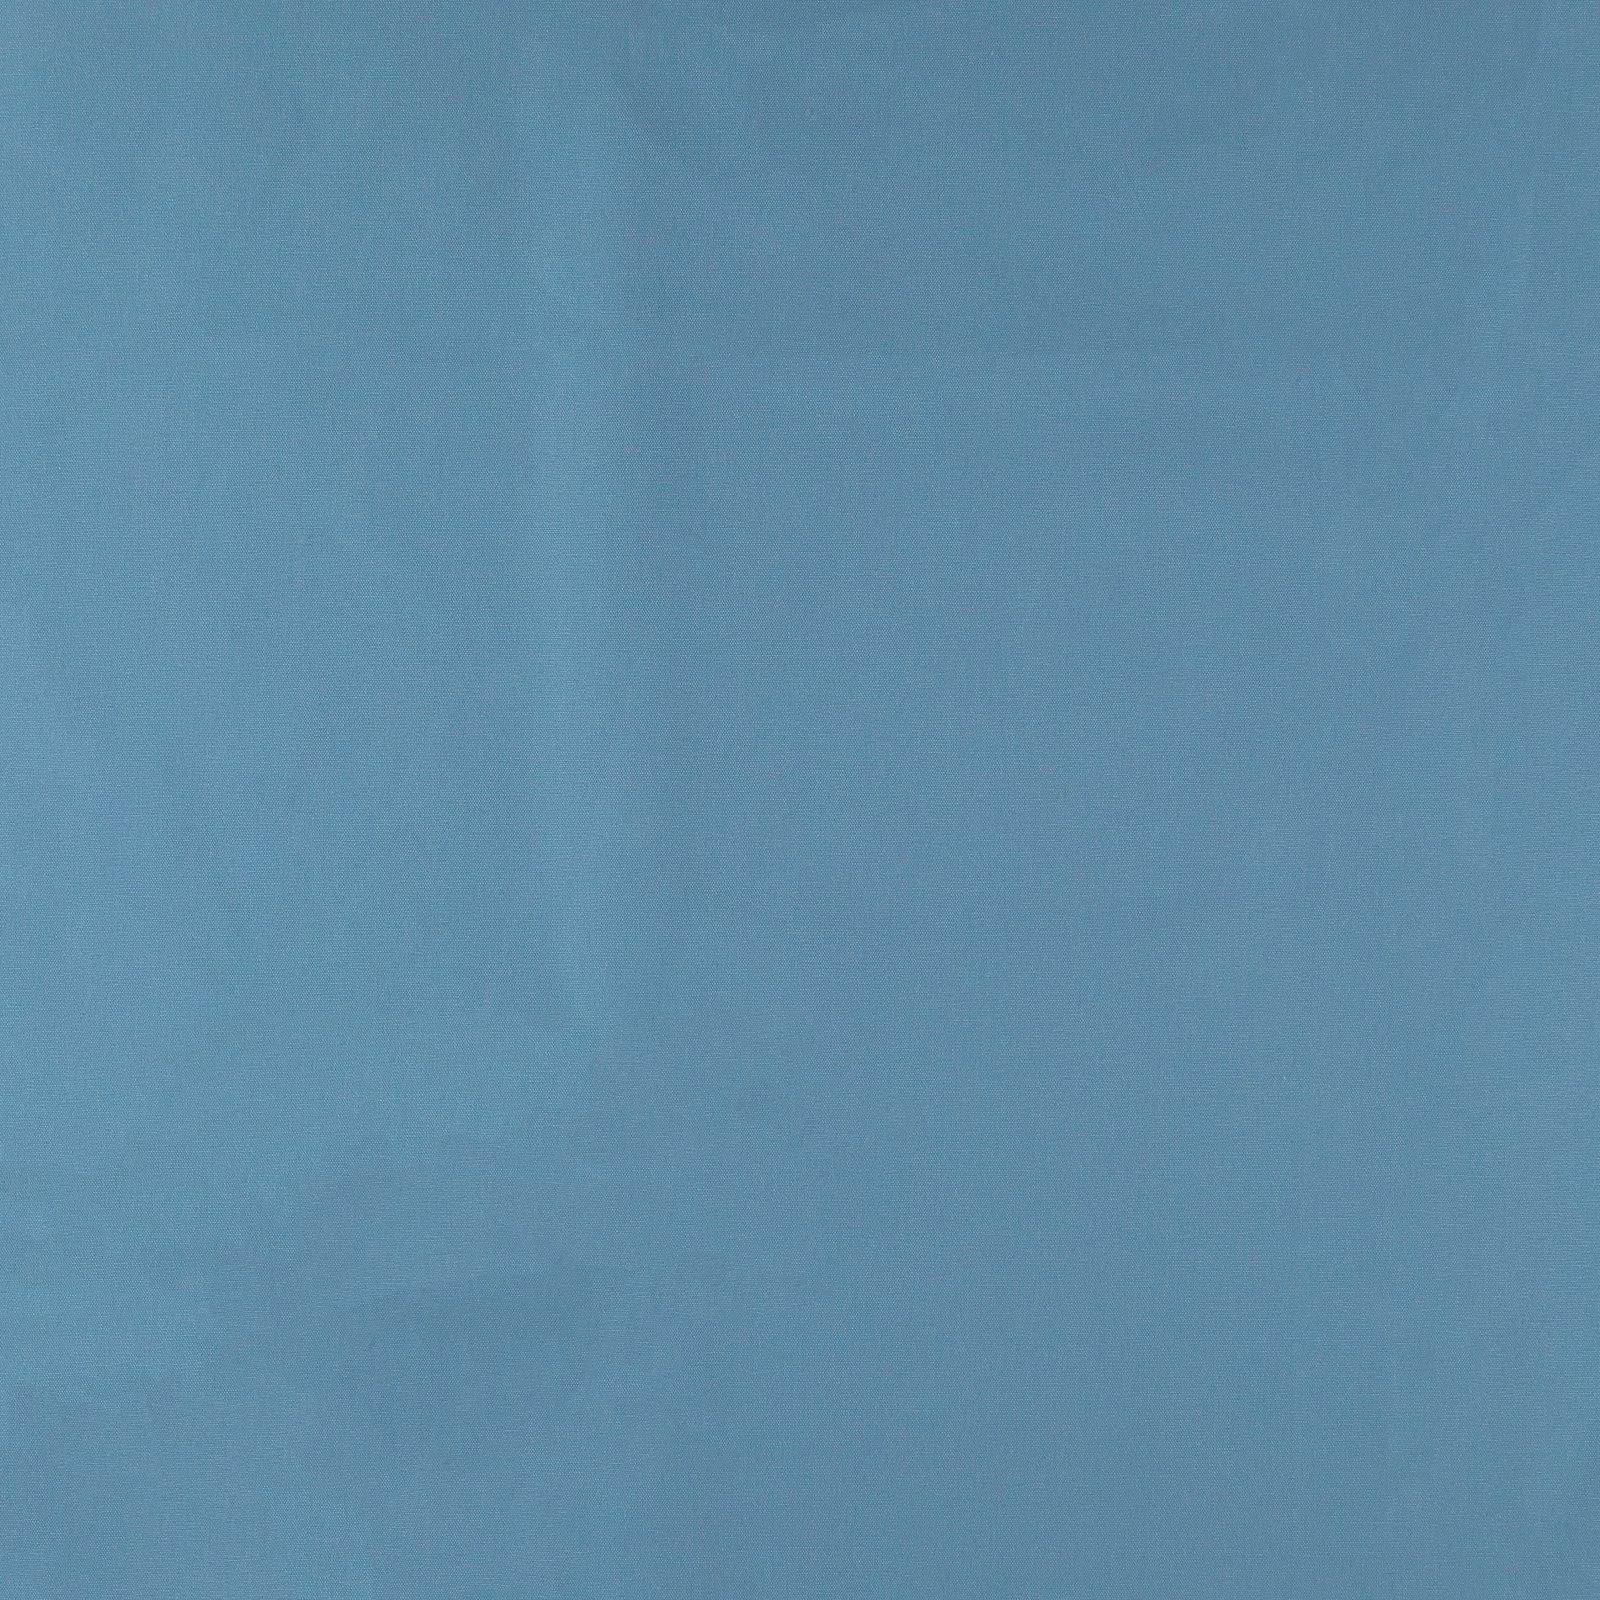 Cotton canvas light cobalt blue 780478_pack_solid